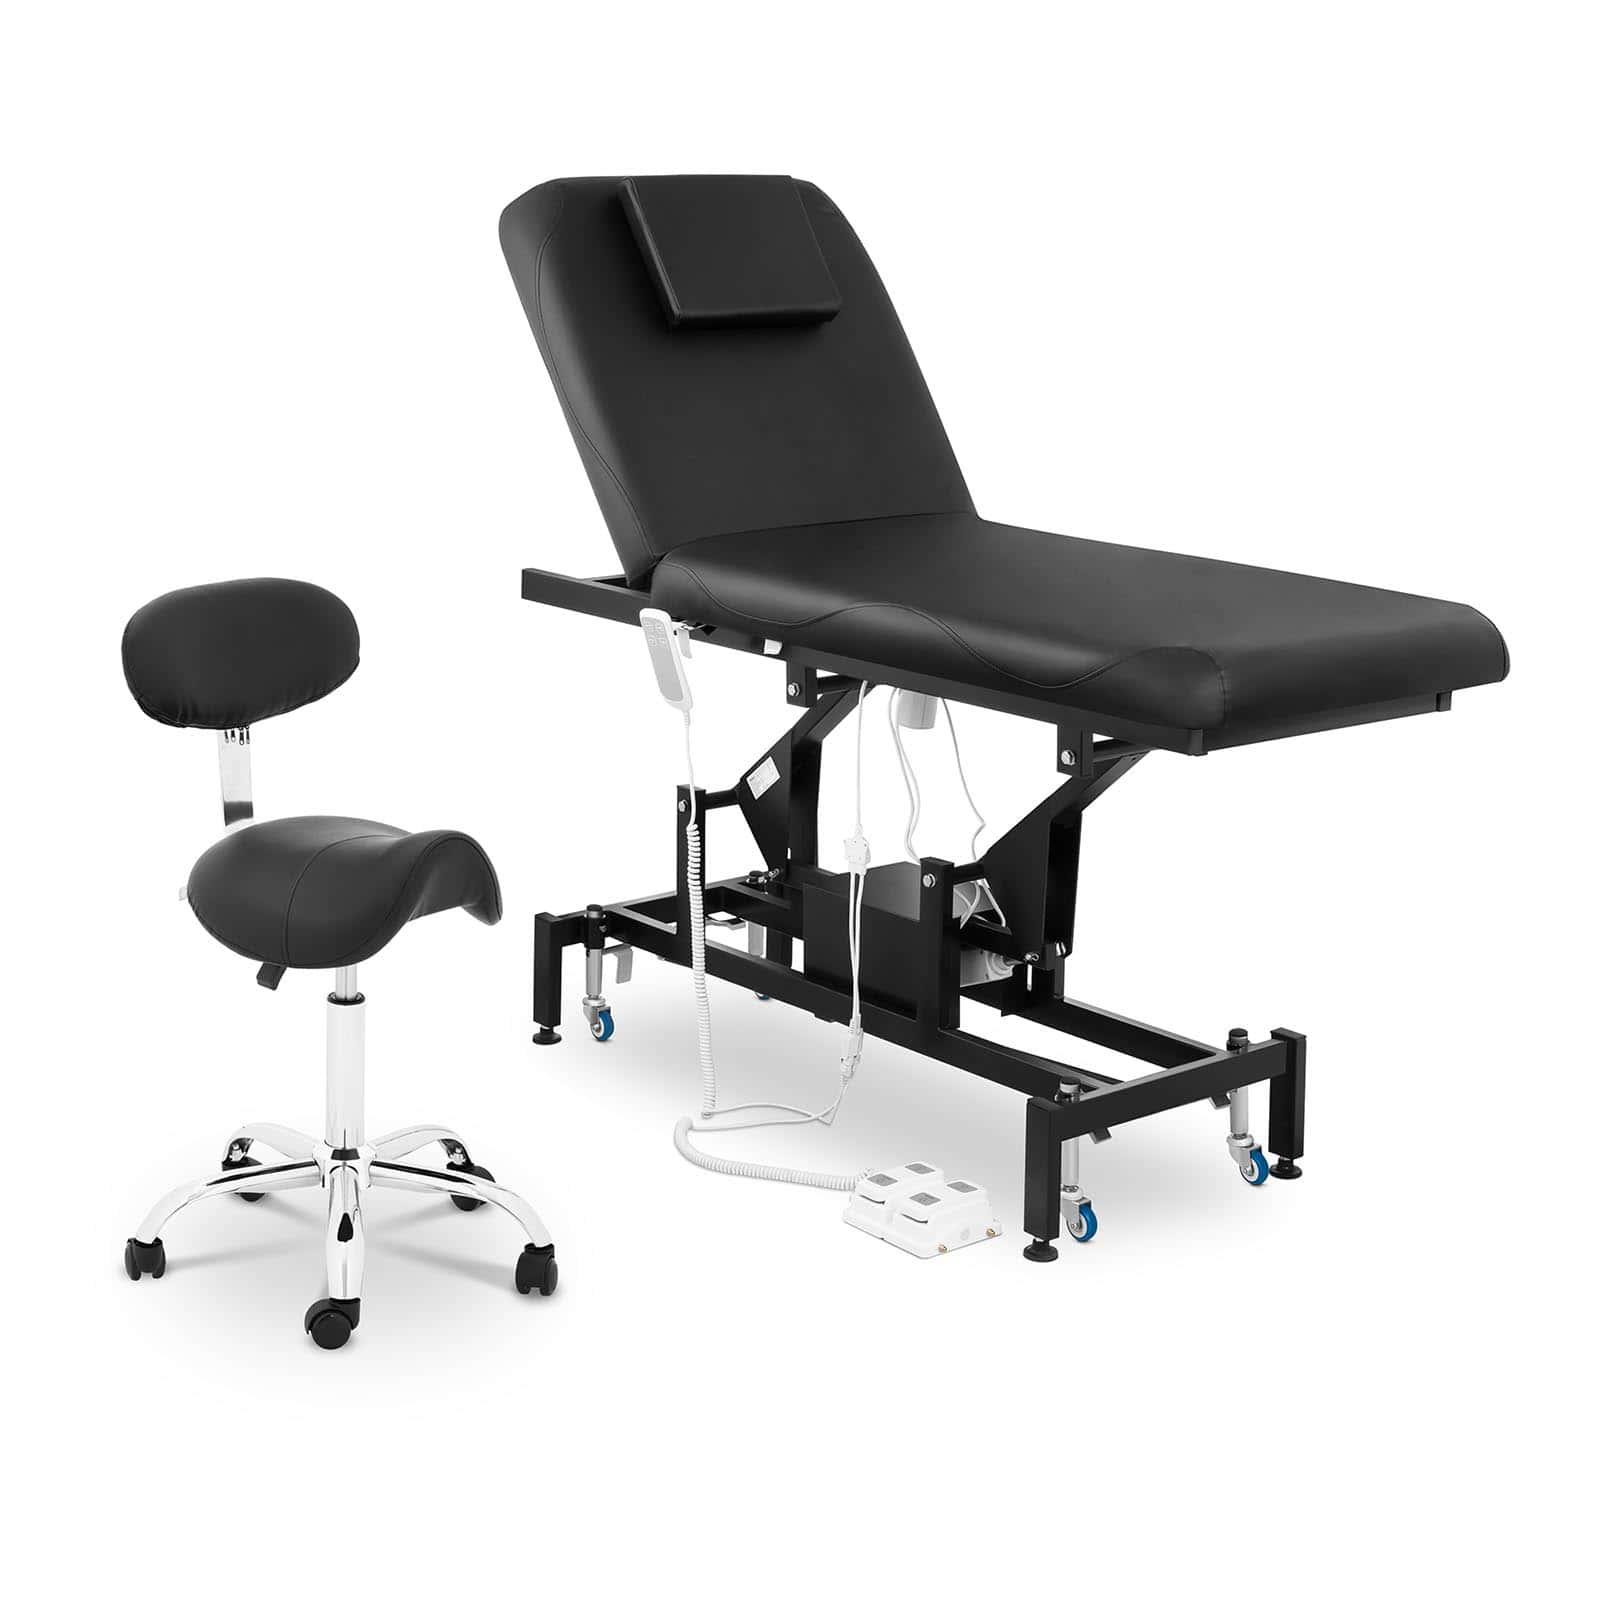 Zestaw Łóżko do masażu Physa Lyon Black + Krzesło siodłowe Hamburg w kolorze czarnym